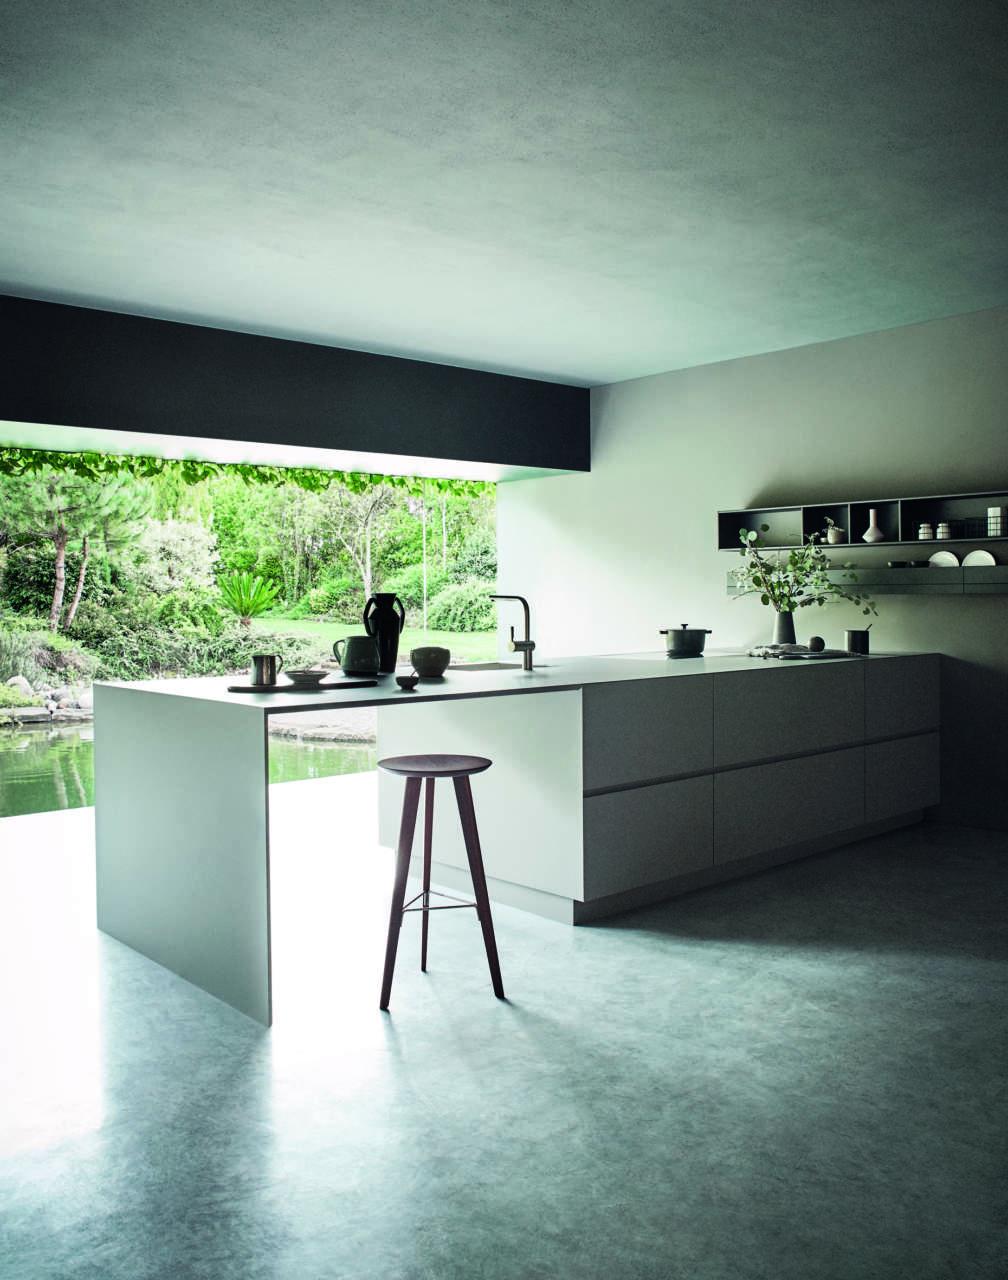 Modularità e contrasti materici per la cucina Cesar | Ambiente Cucina